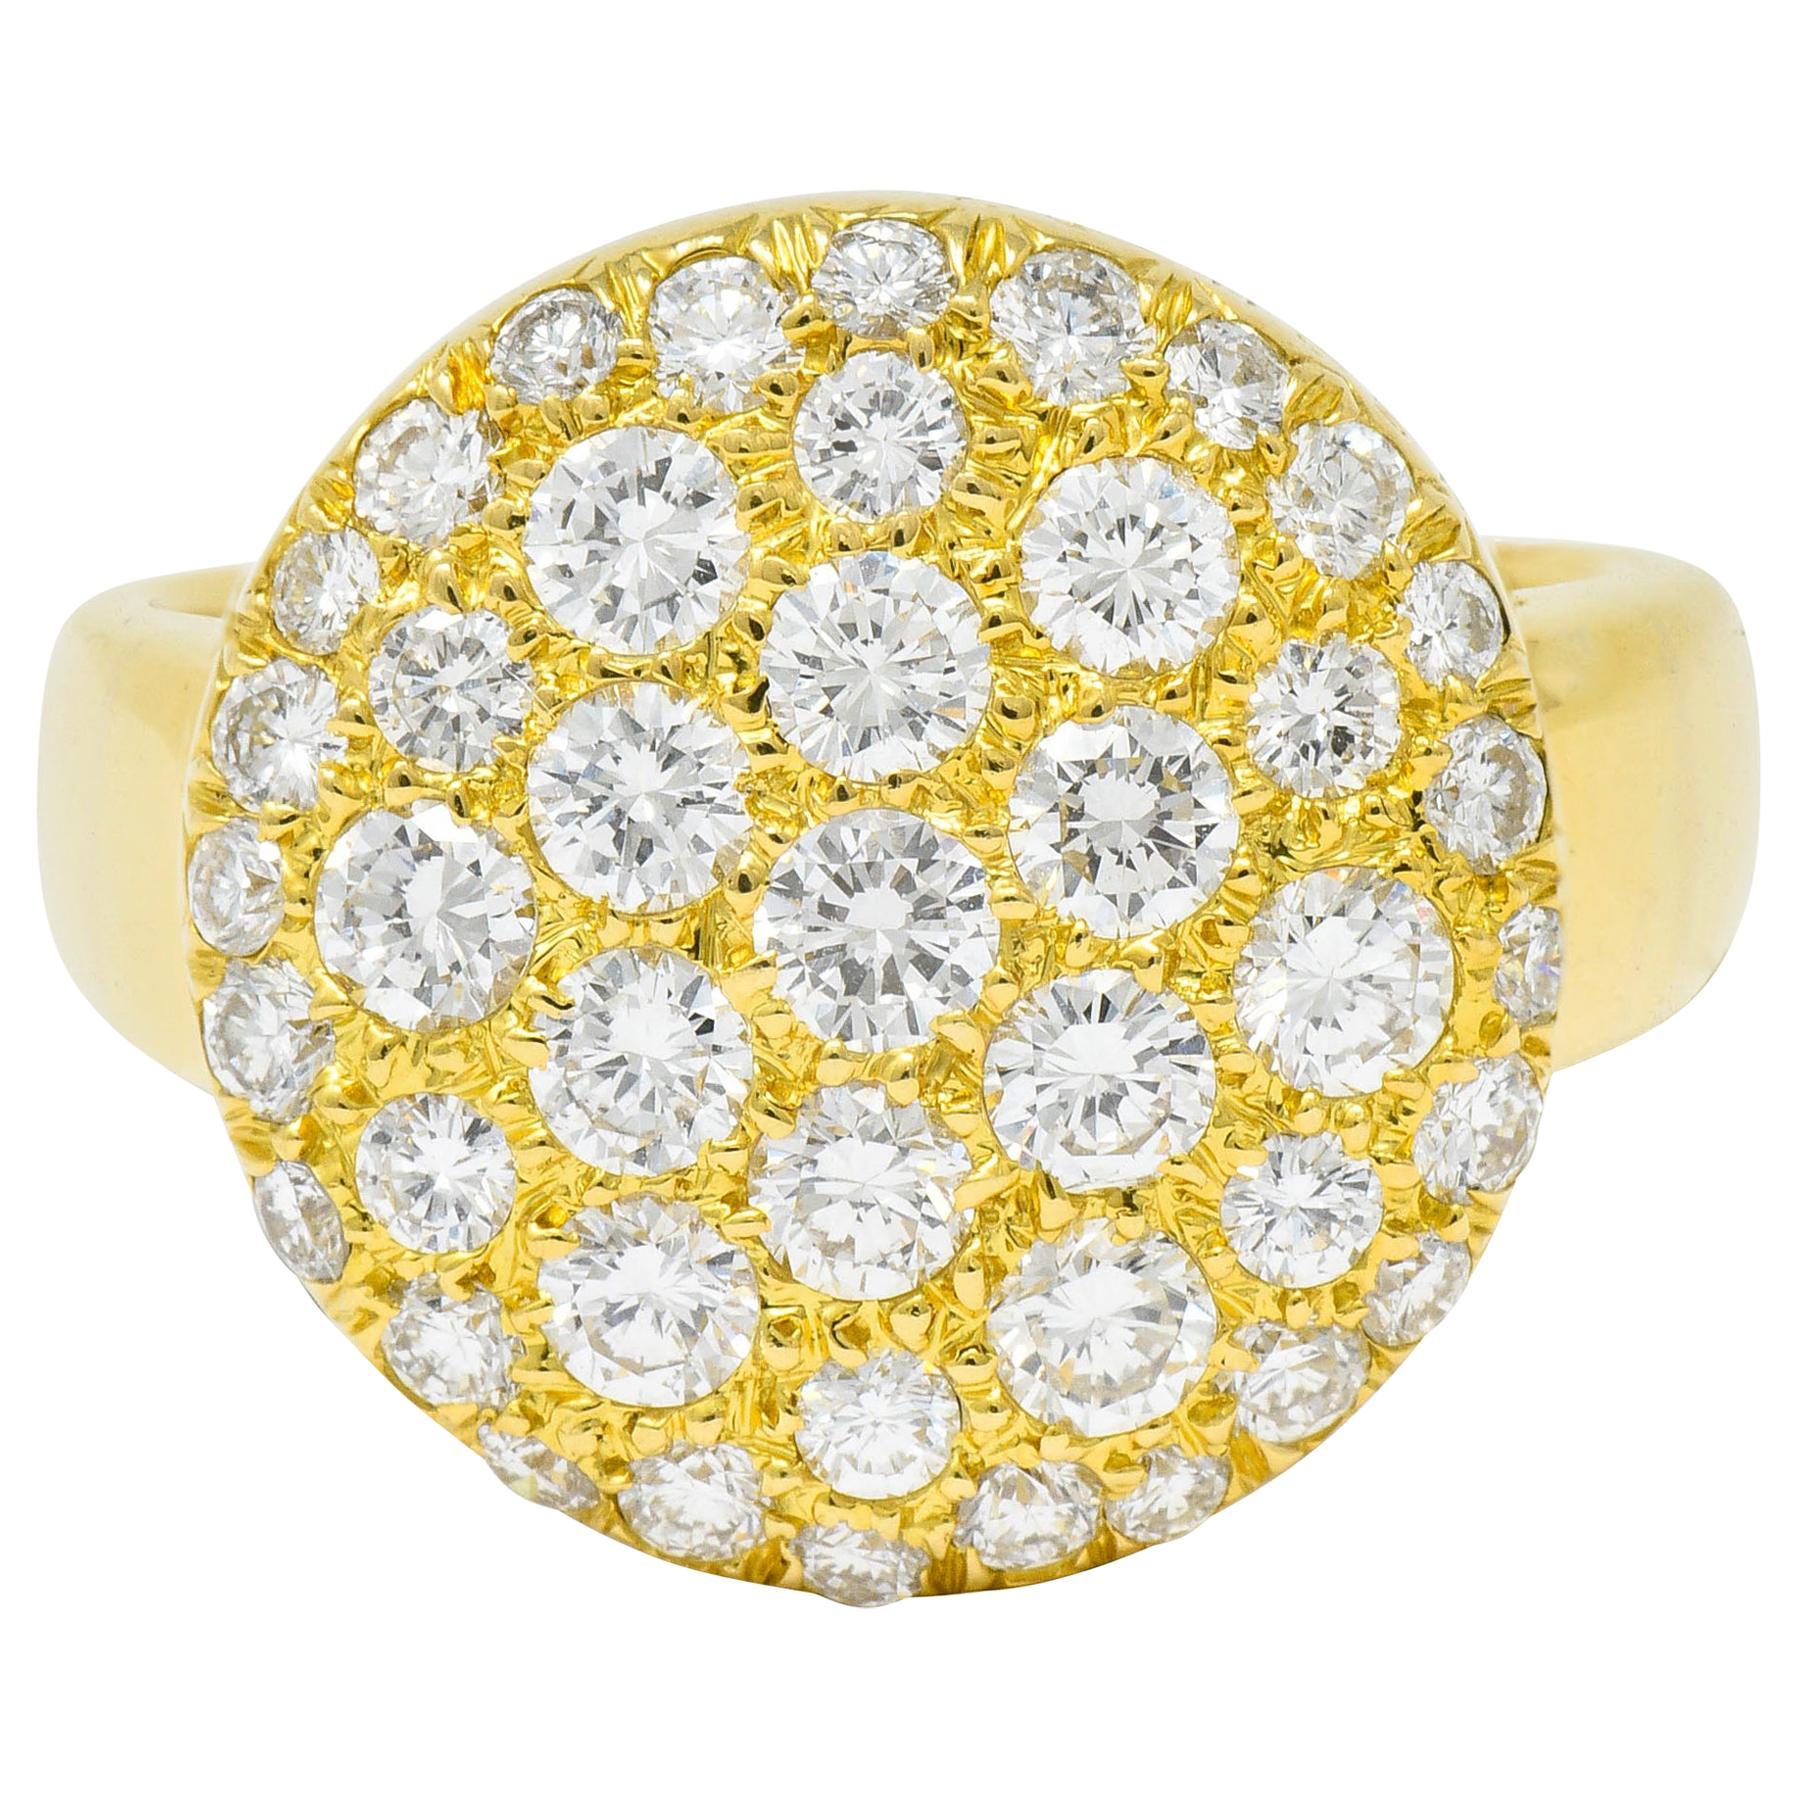 Van Cleef & Arpels Pave Diamond 18 Karat Gold Circle Band Ring